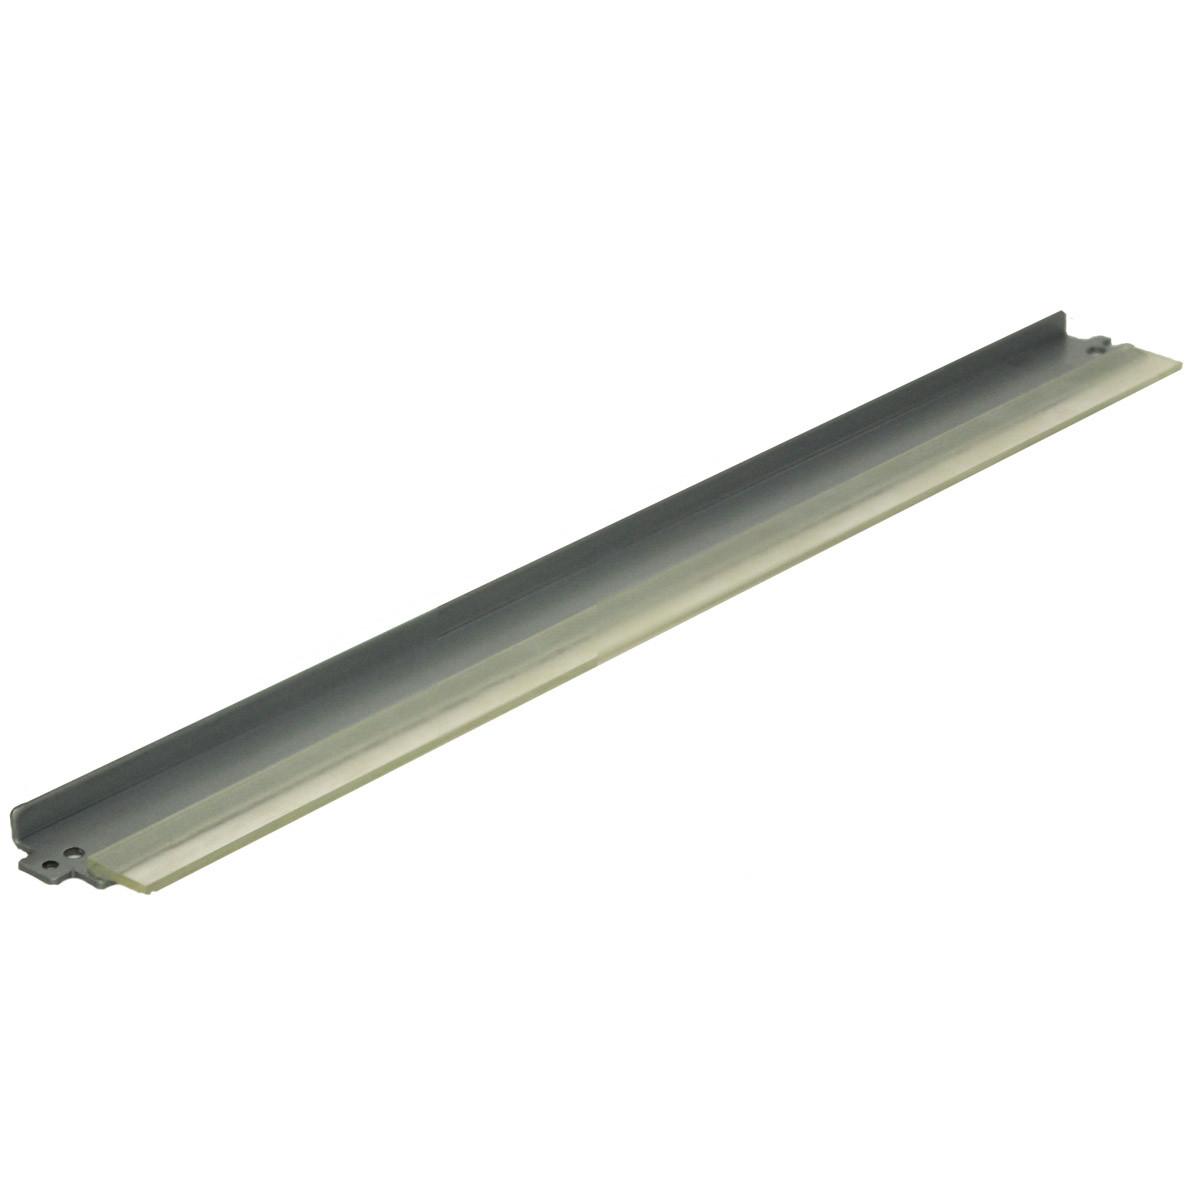 Lâmina de Limpeza Samsung ML3050 ML5530 ML3428 ML3060   Importado